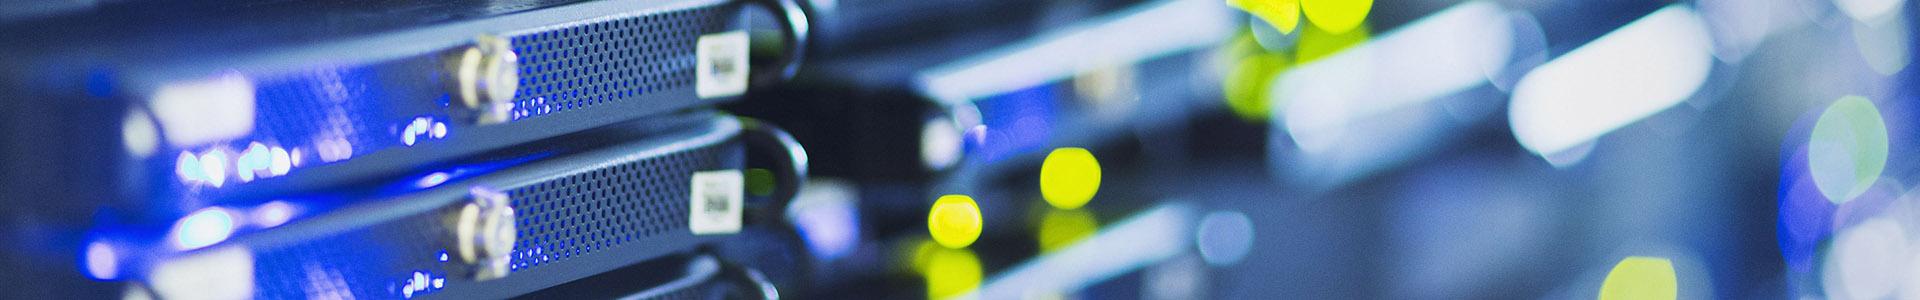 img_slide7home slide promos server solution software work